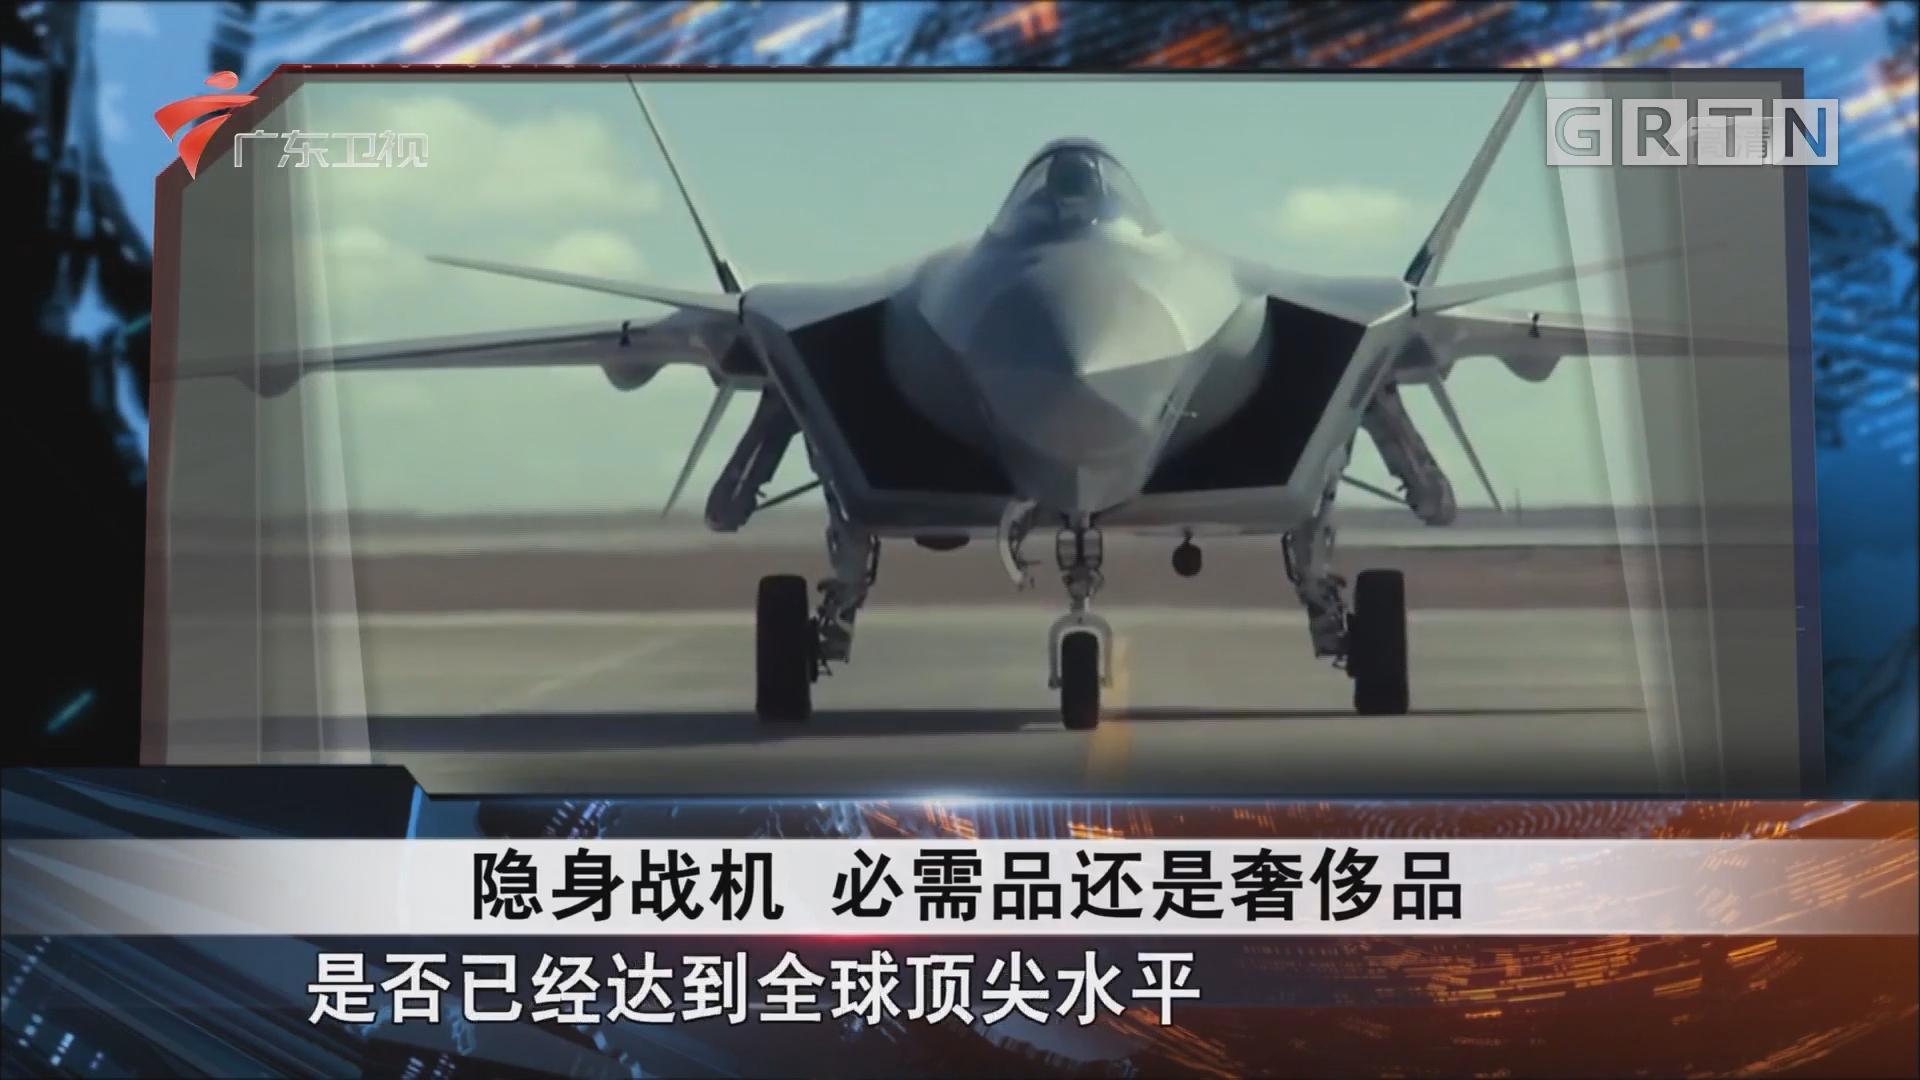 [HD][2018-12-23]全球零距离:隐身战机 必需品还是奢侈品